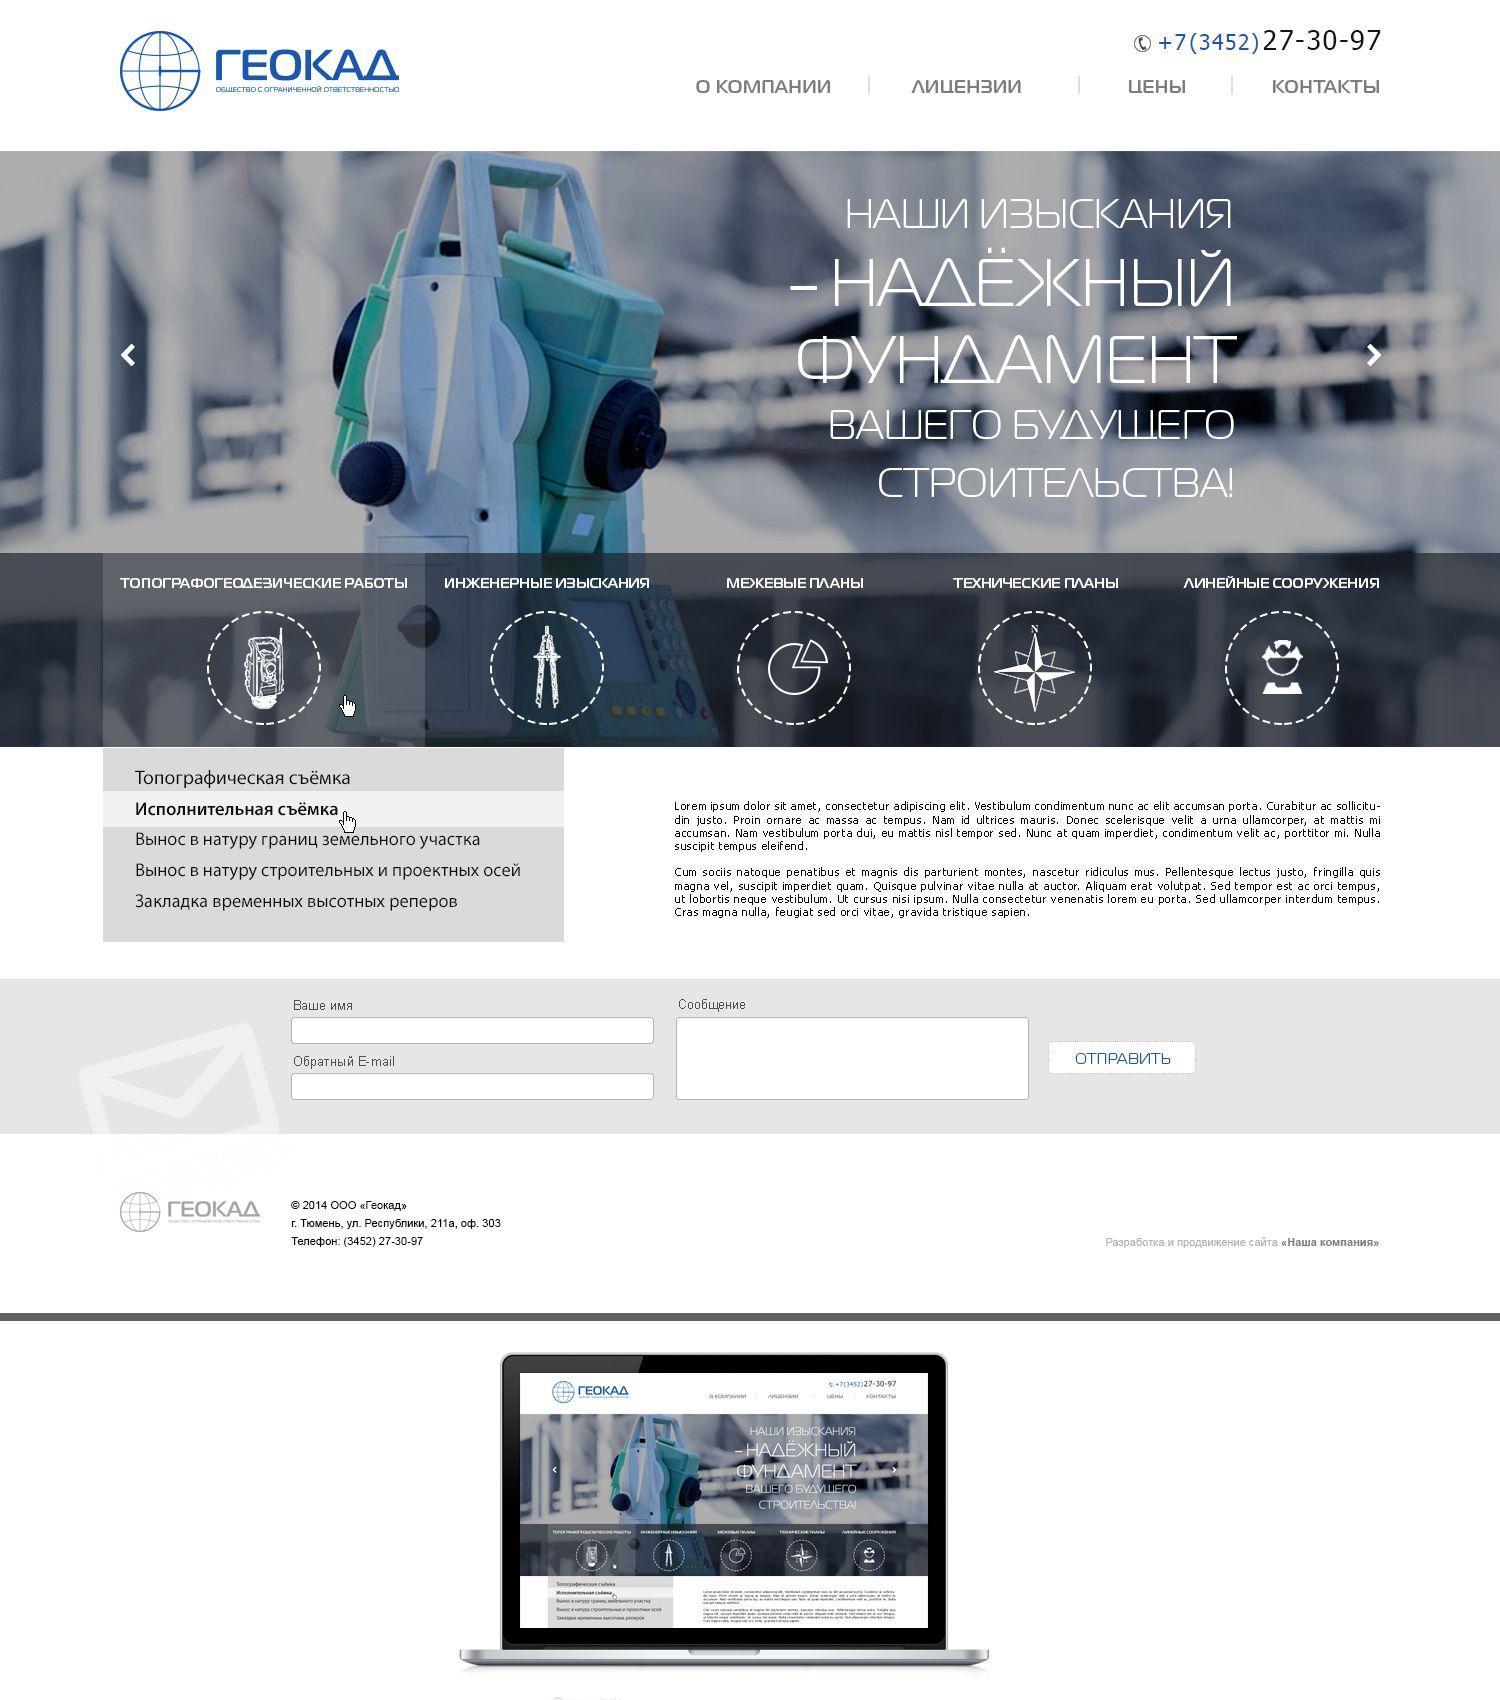 Дизайн для компании Геокад - дизайнер daniel79